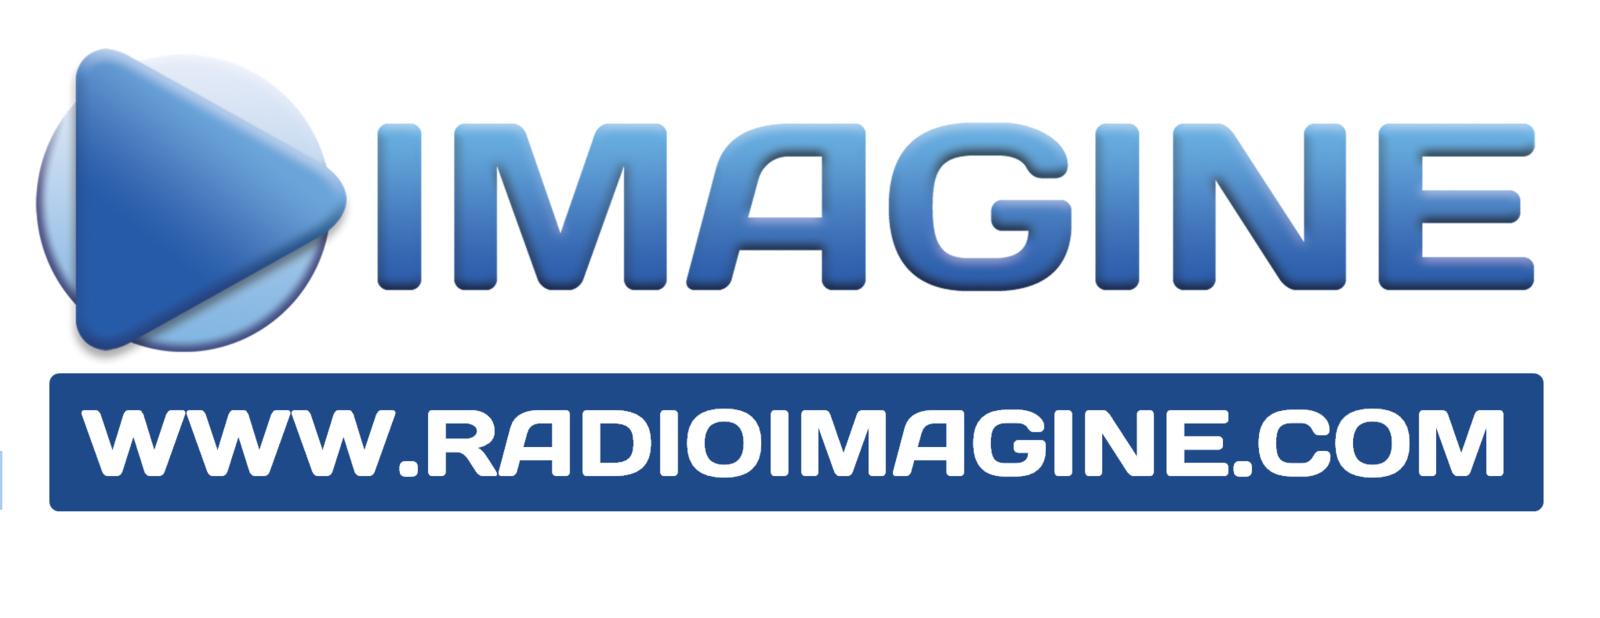 Radio Imagine - Antenne : Agendas, météos, info routes et 14-17